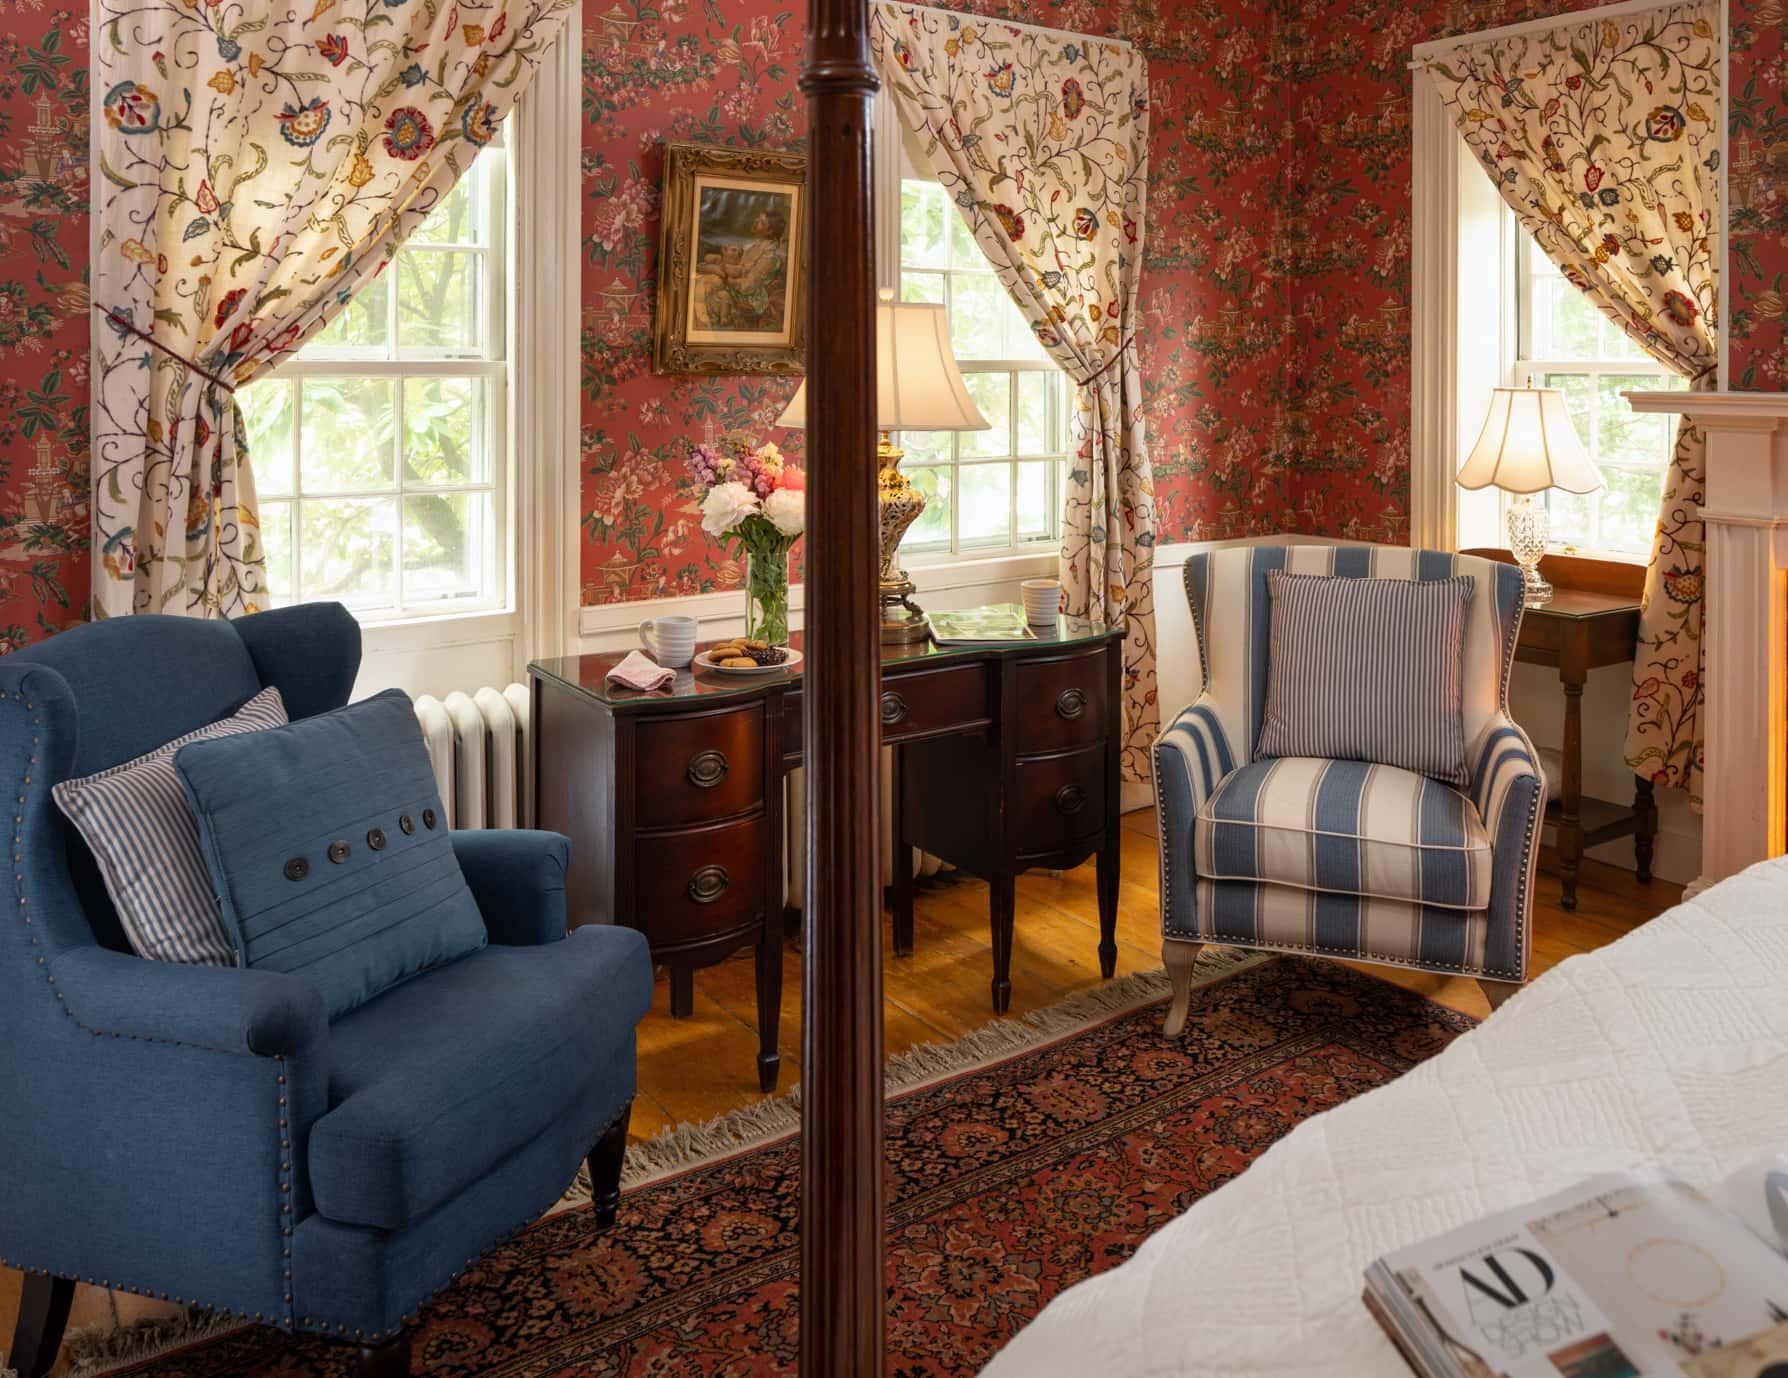 Room 10, Accommodations near Acadia National Park